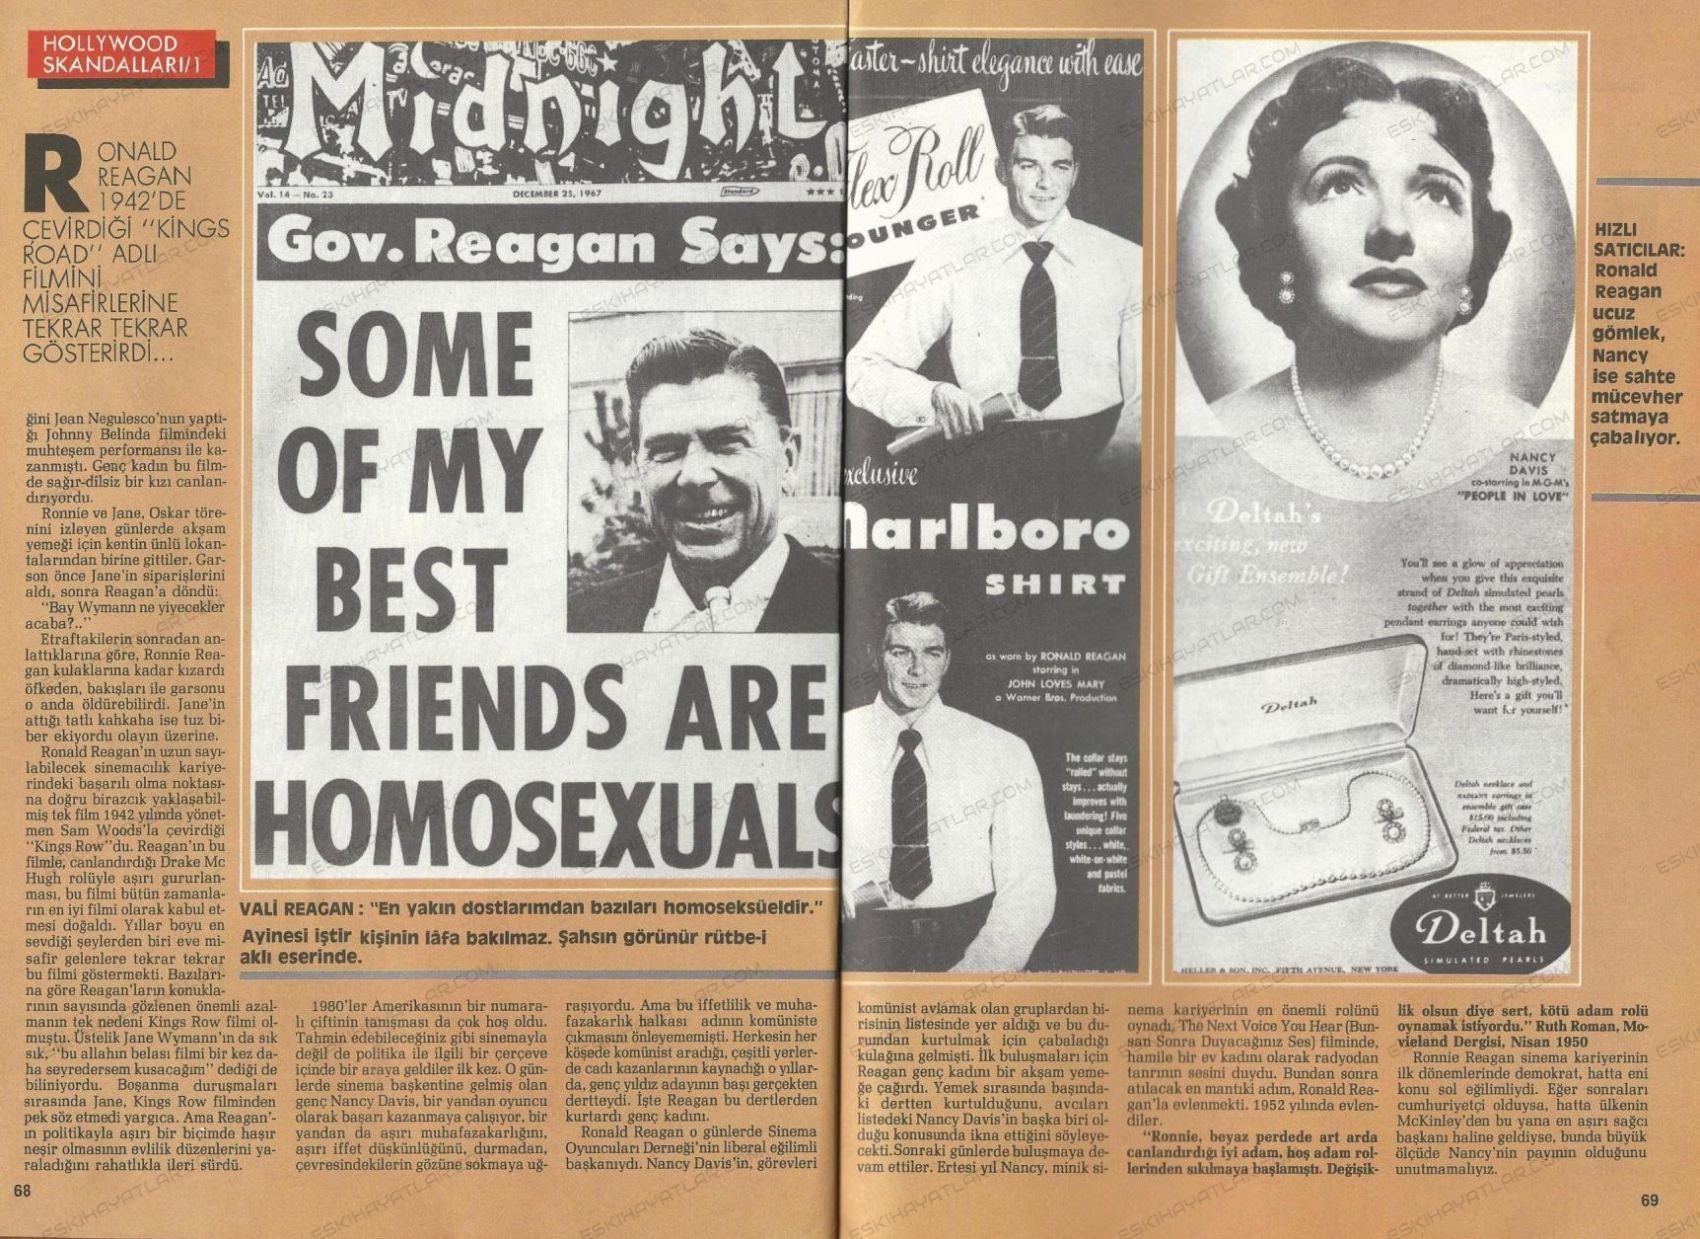 0224-ronald-reagan-haberleri-1986-erkekce-dergisi-reagan-en-iyi-arkadaslarim-homoseksueldi (3)